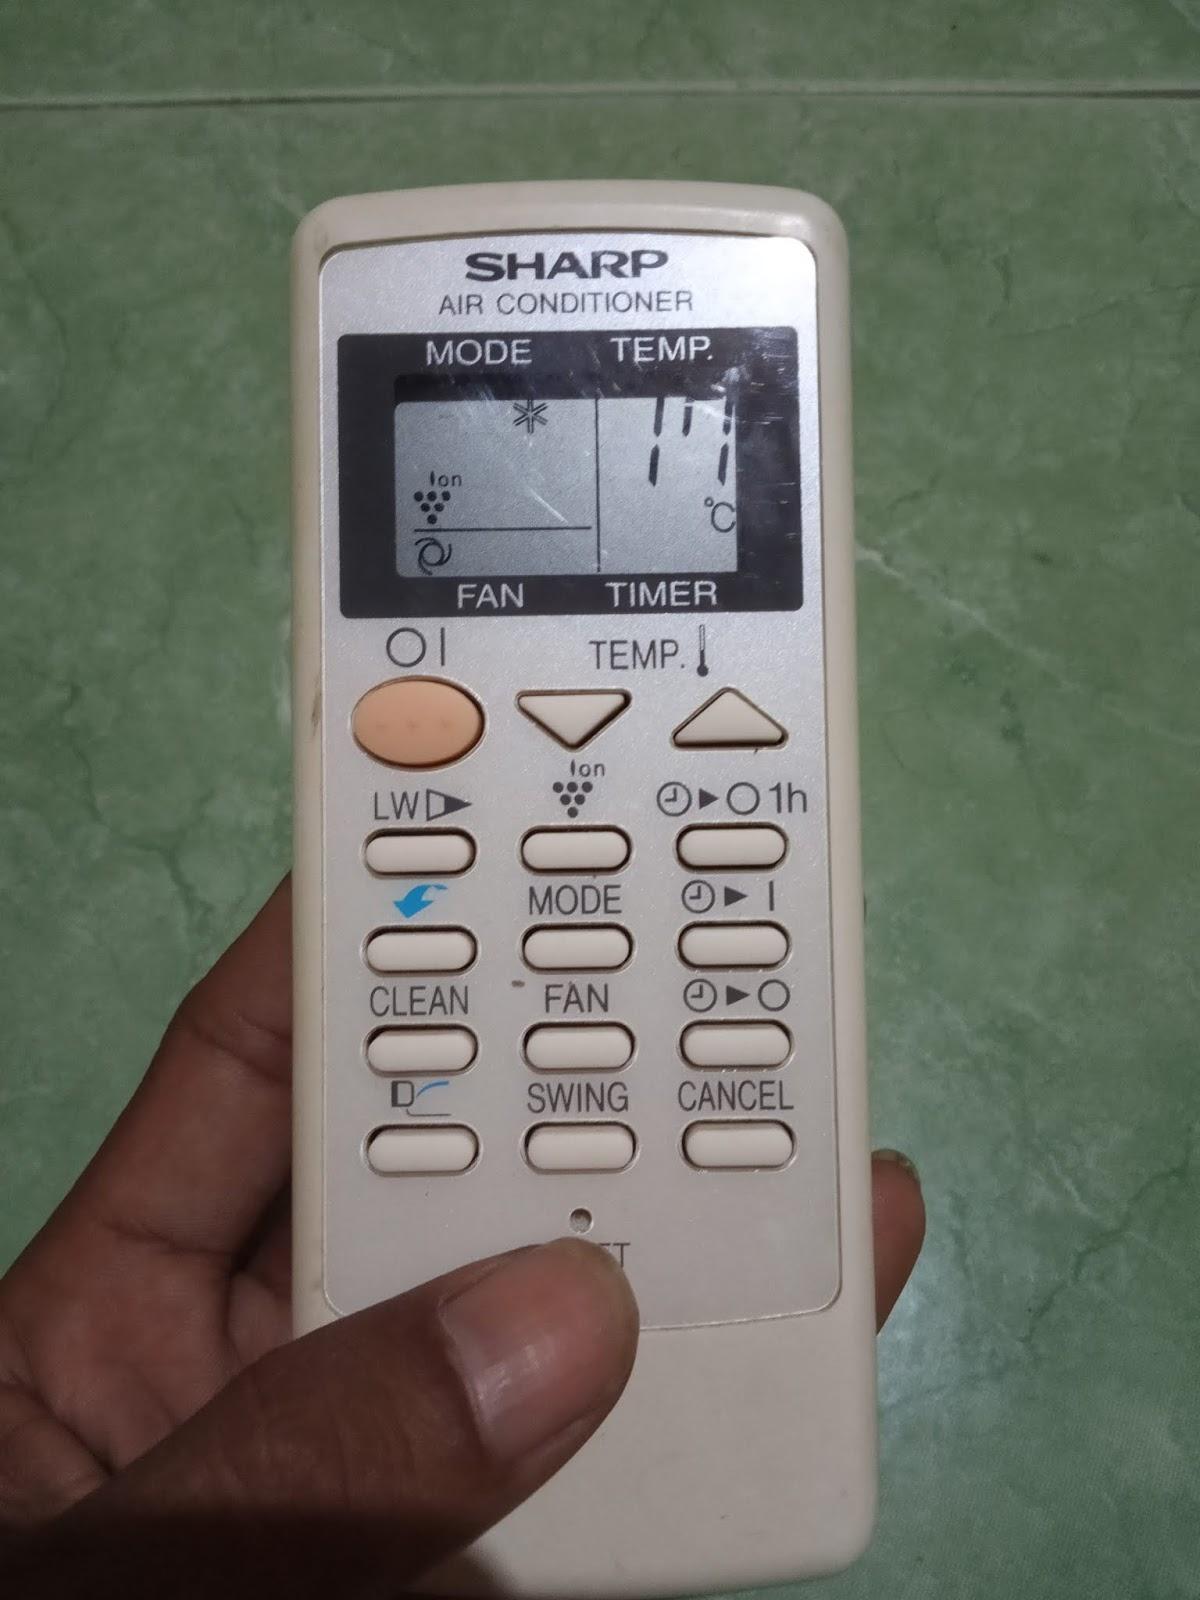 Temukan Cara Setting Remote Ac Samsung Biar Dingin paling mudah